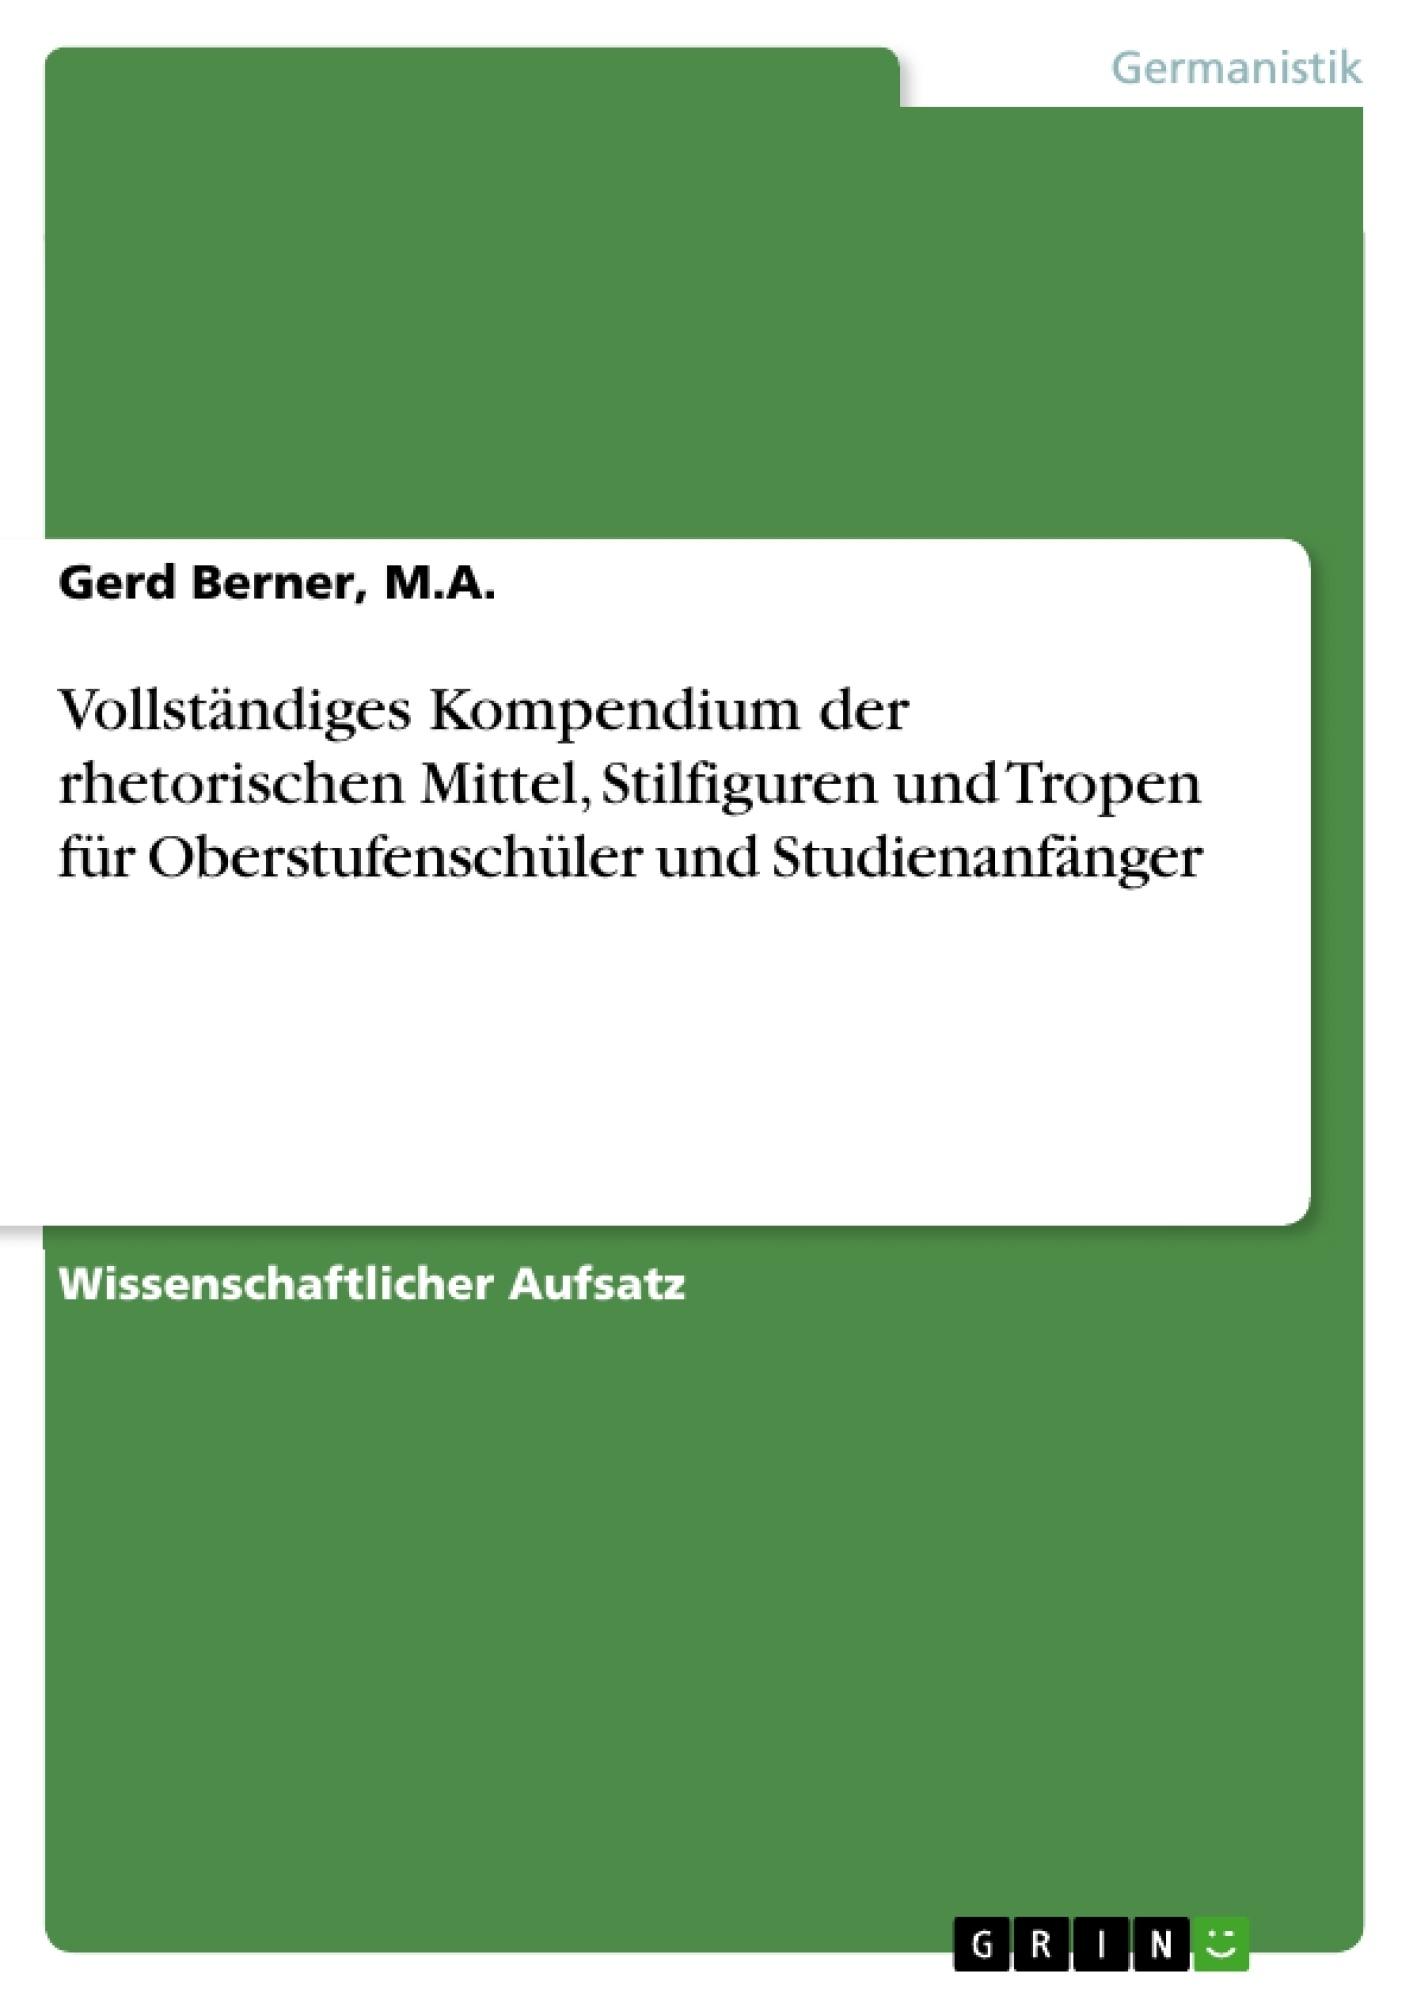 Titel: Vollständiges Kompendium der rhetorischen Mittel, Stilfiguren und Tropen für Oberstufenschüler und Studienanfänger